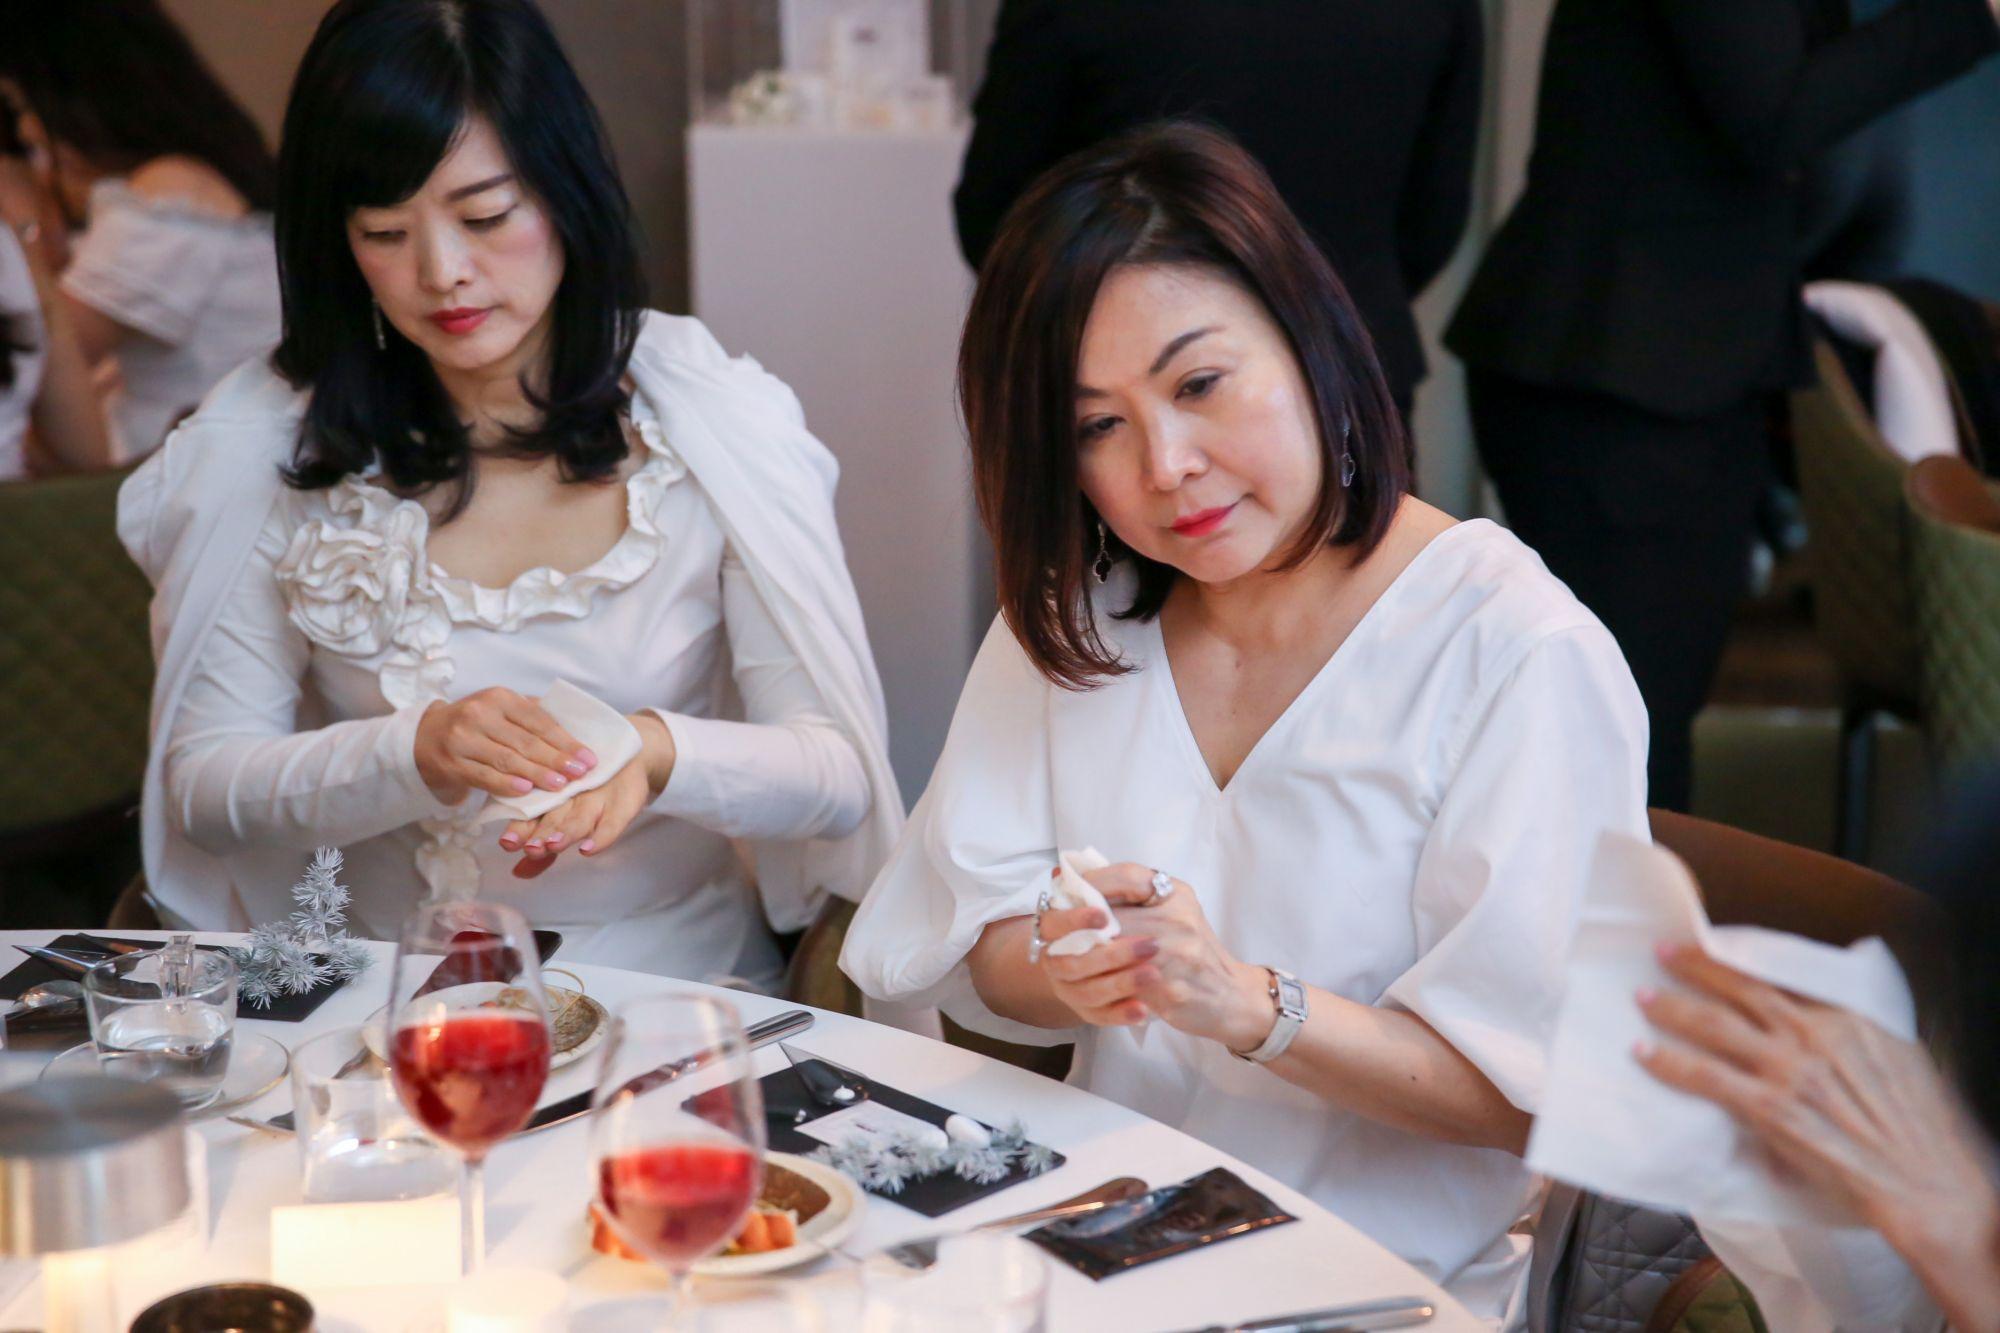 Cici Huang, Lilian Low